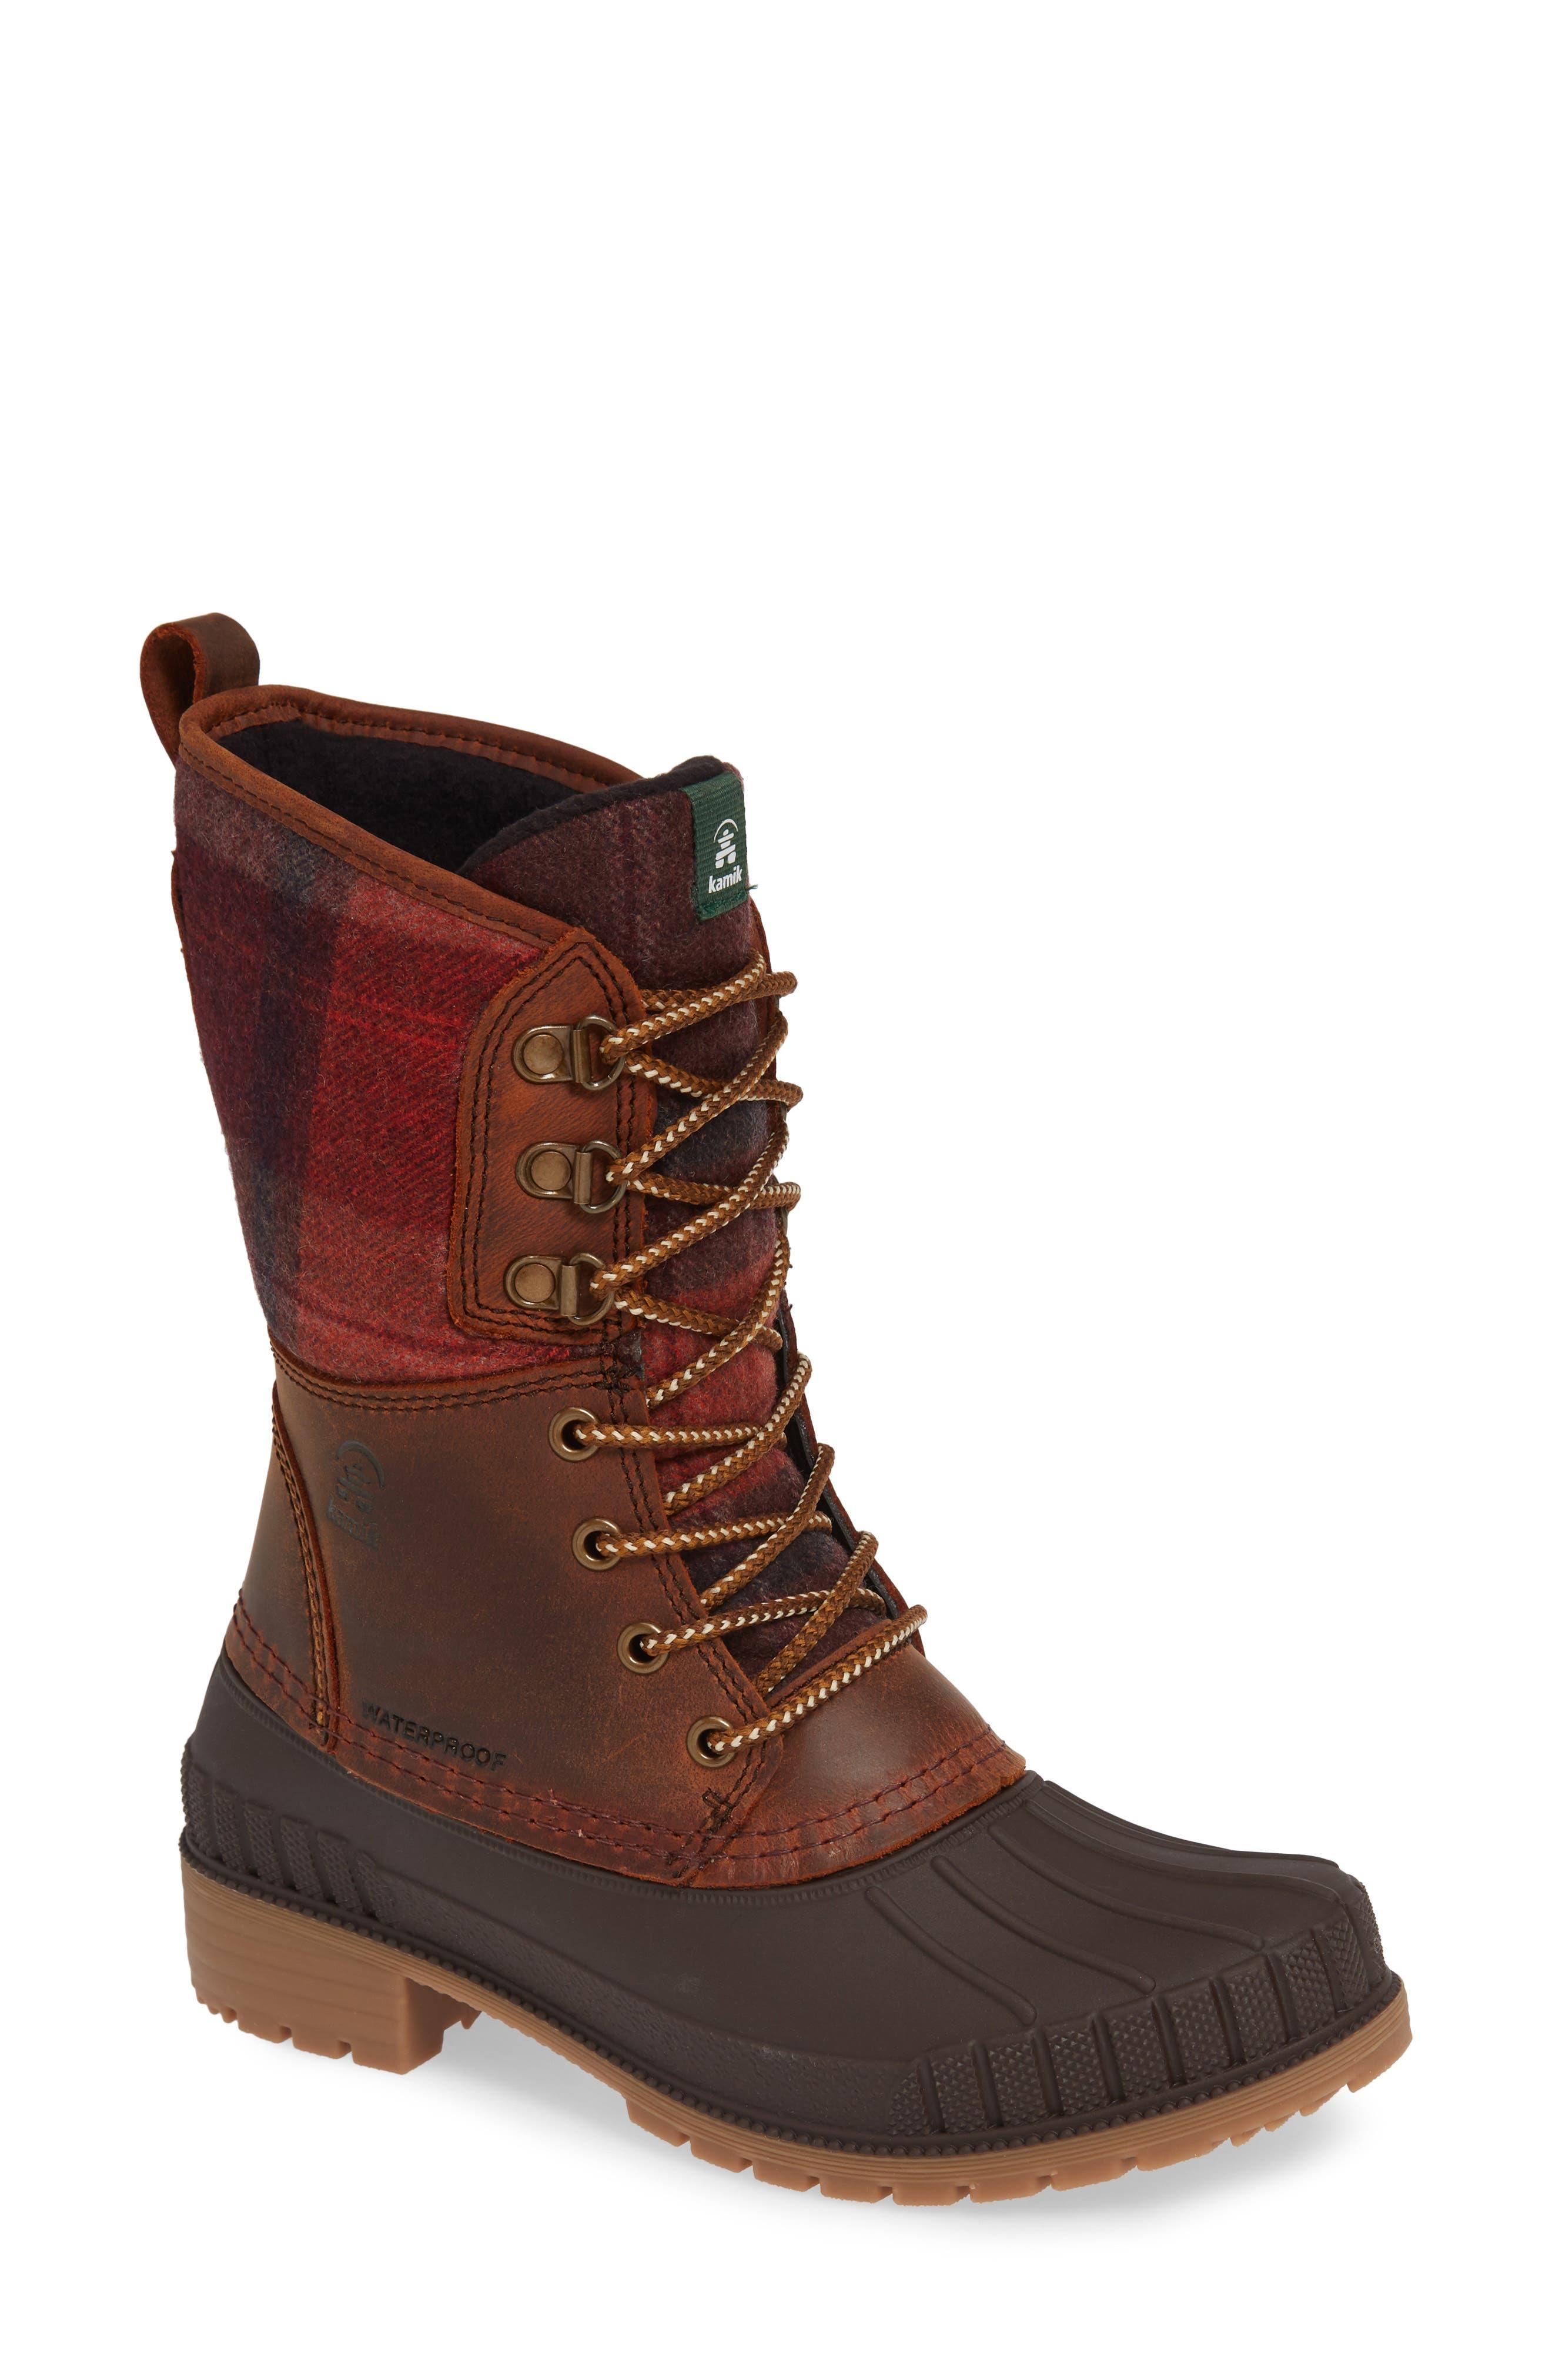 Kamik Sienna 2 Duck Waterproof Boot, Brown